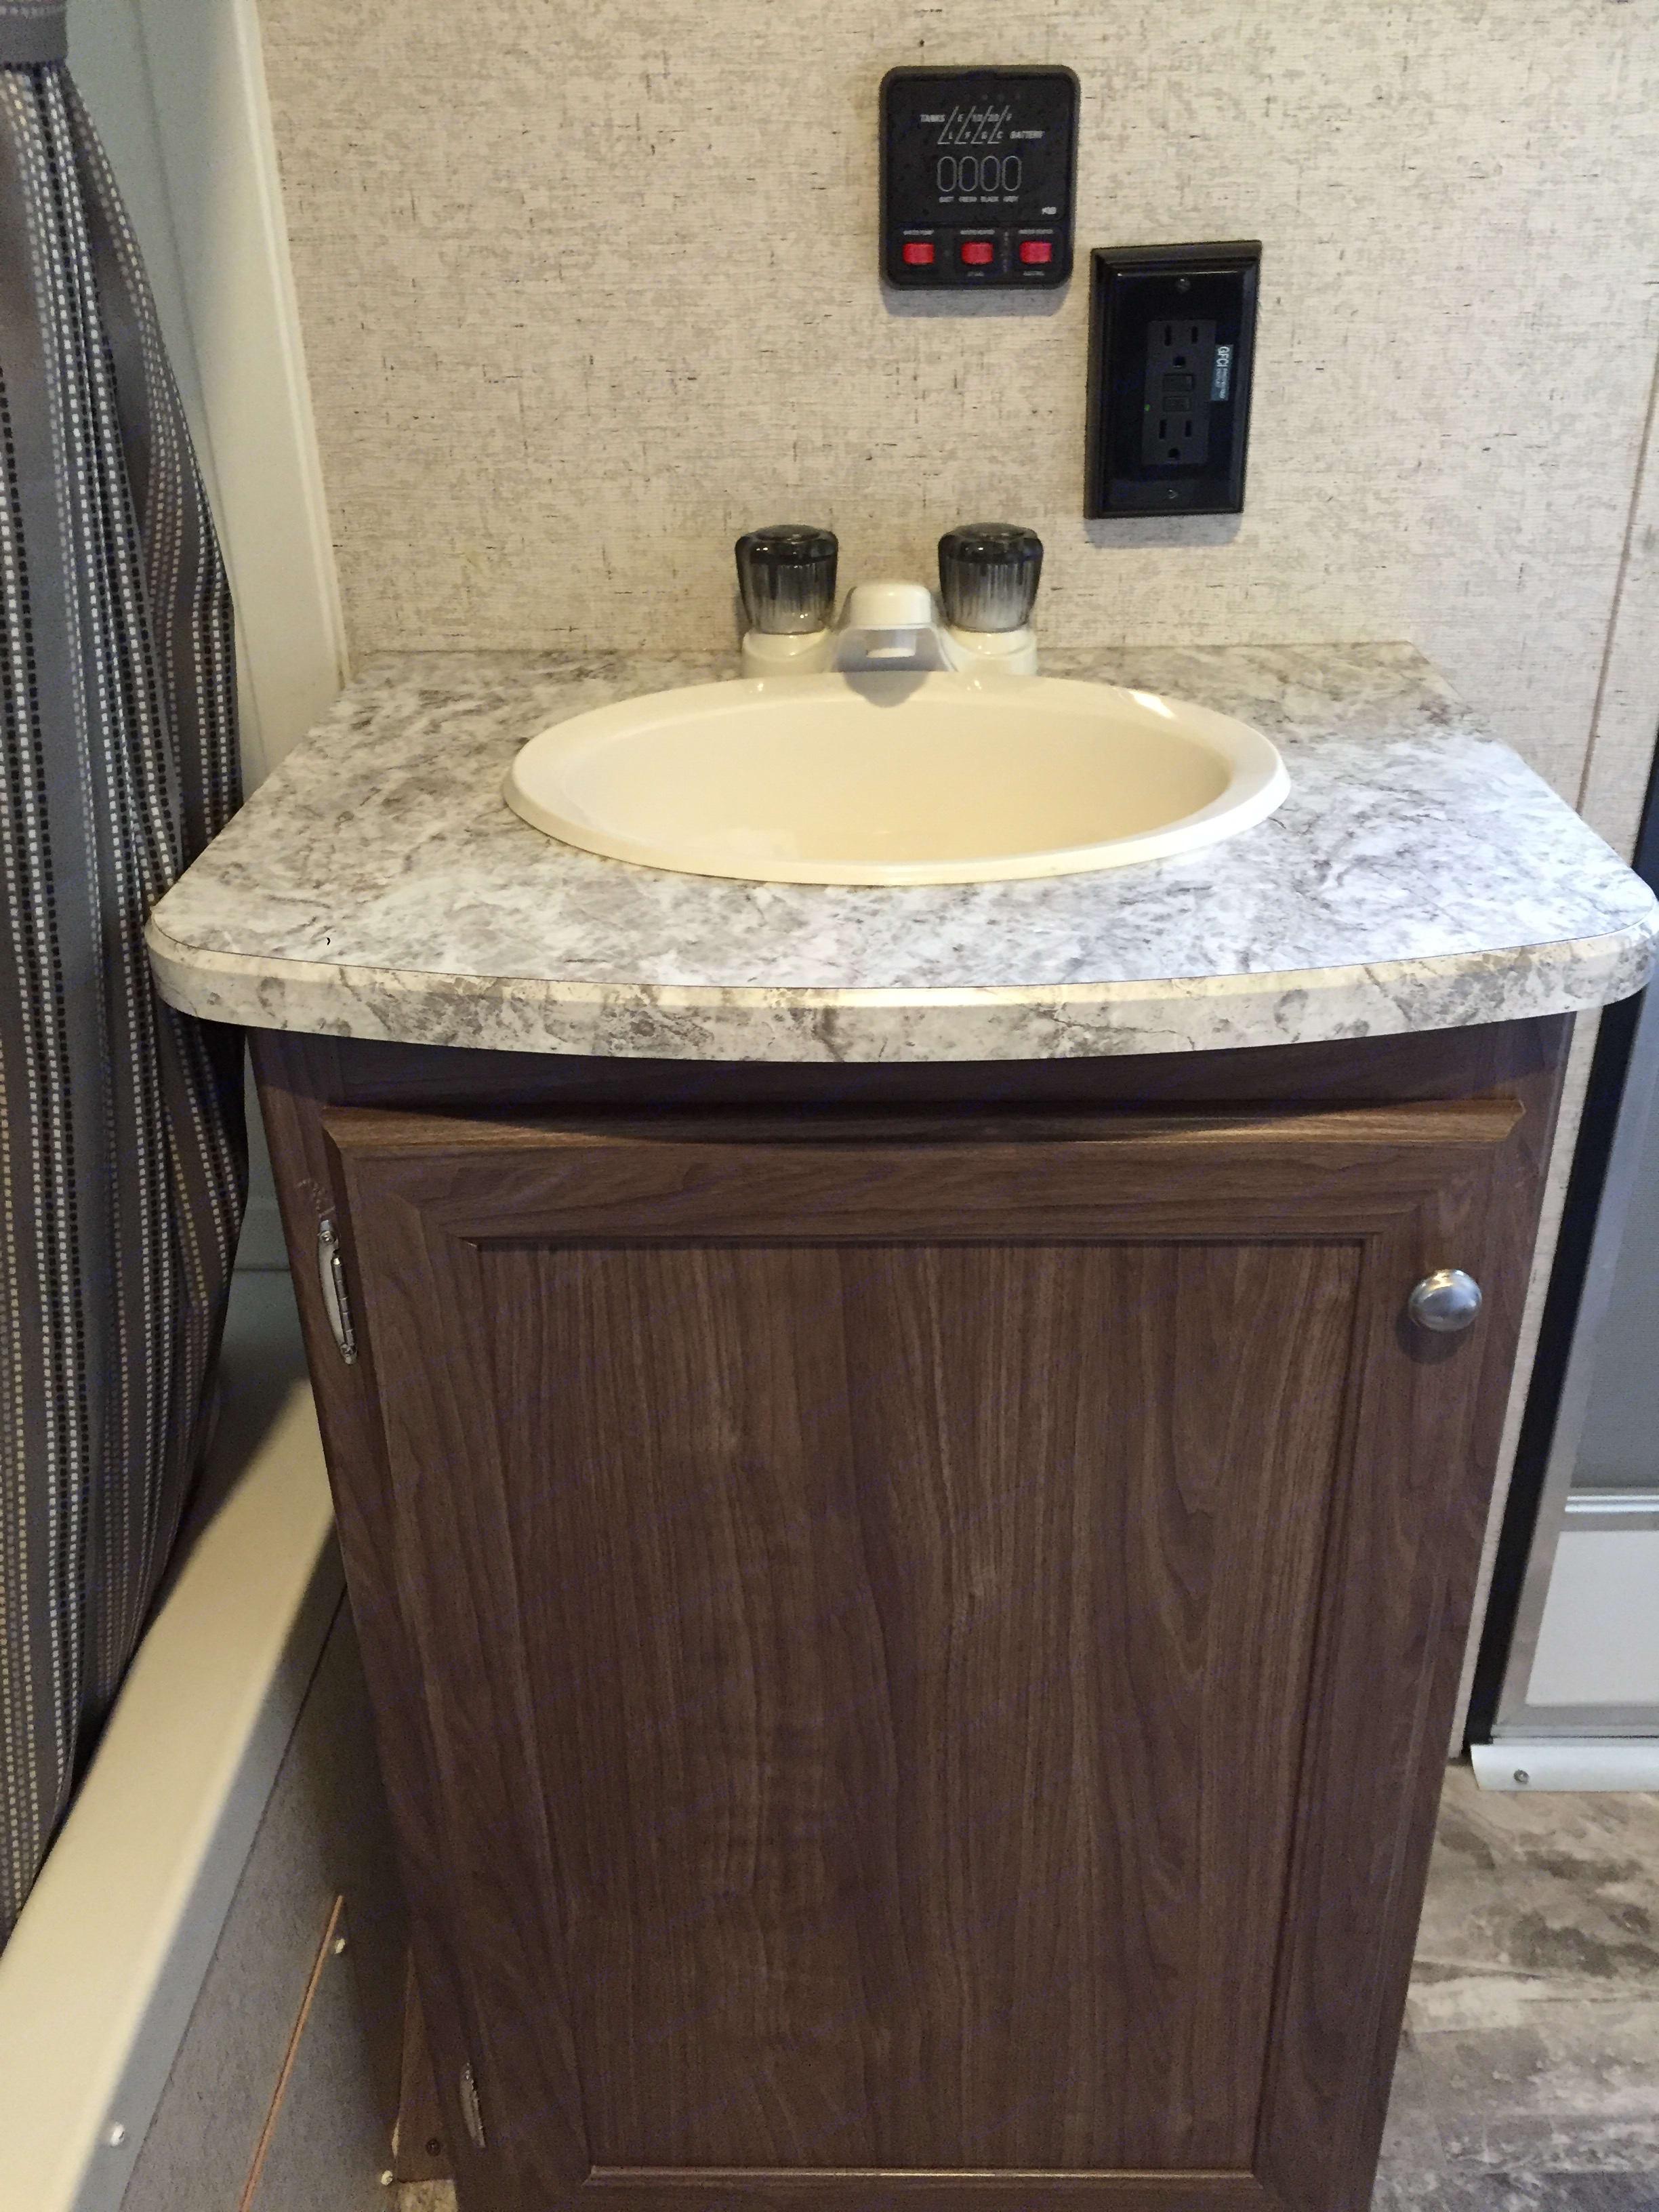 Sink in bathroom. Heartland Pioneer 2018